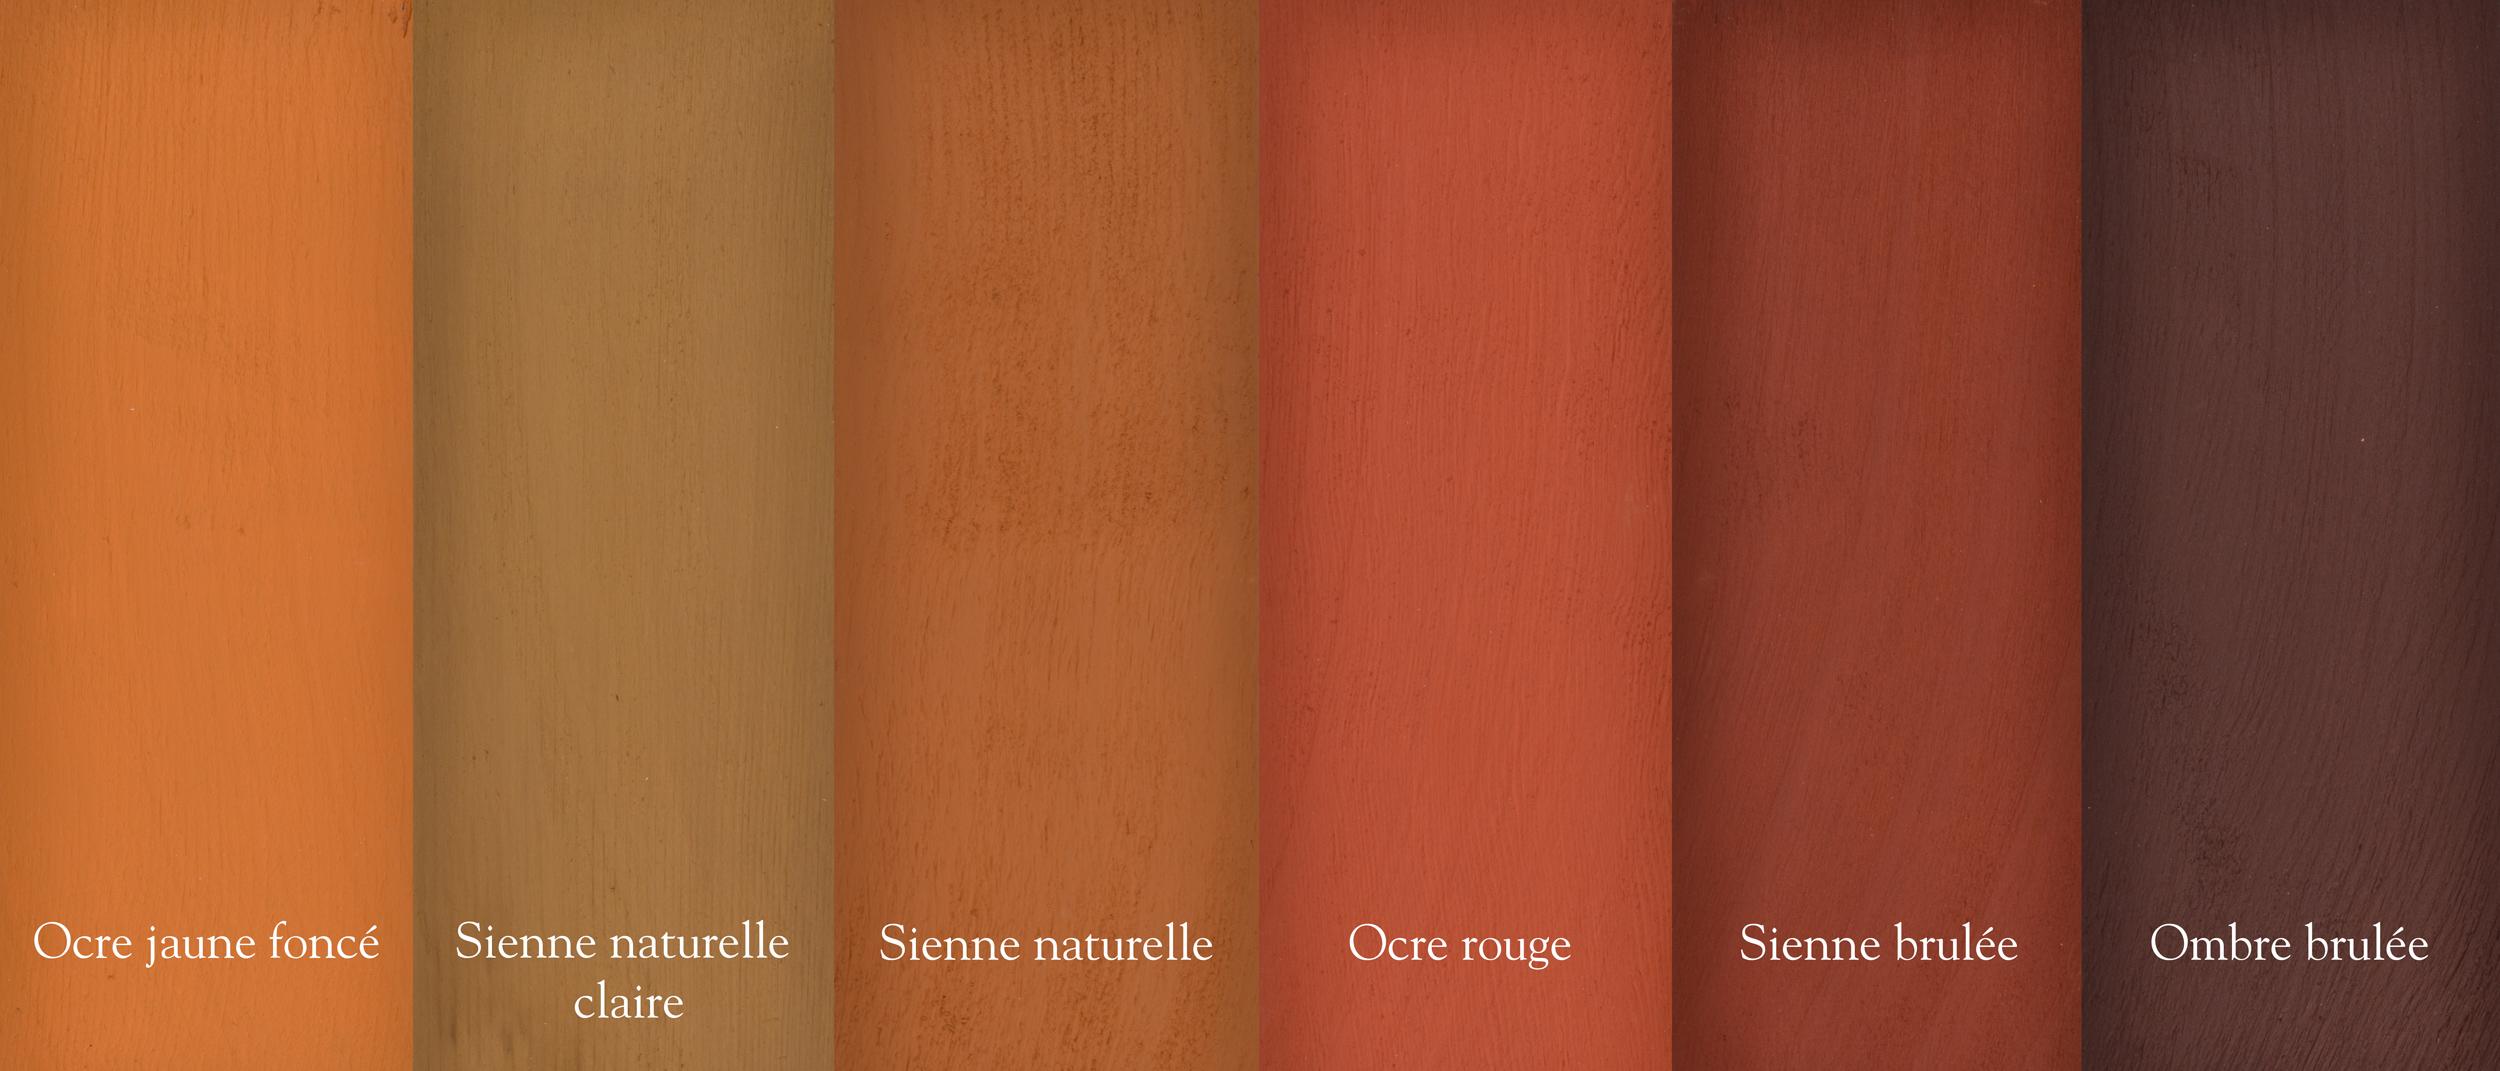 La peinture la farine une peinture maison facile - Colorant pour huile de lin ...